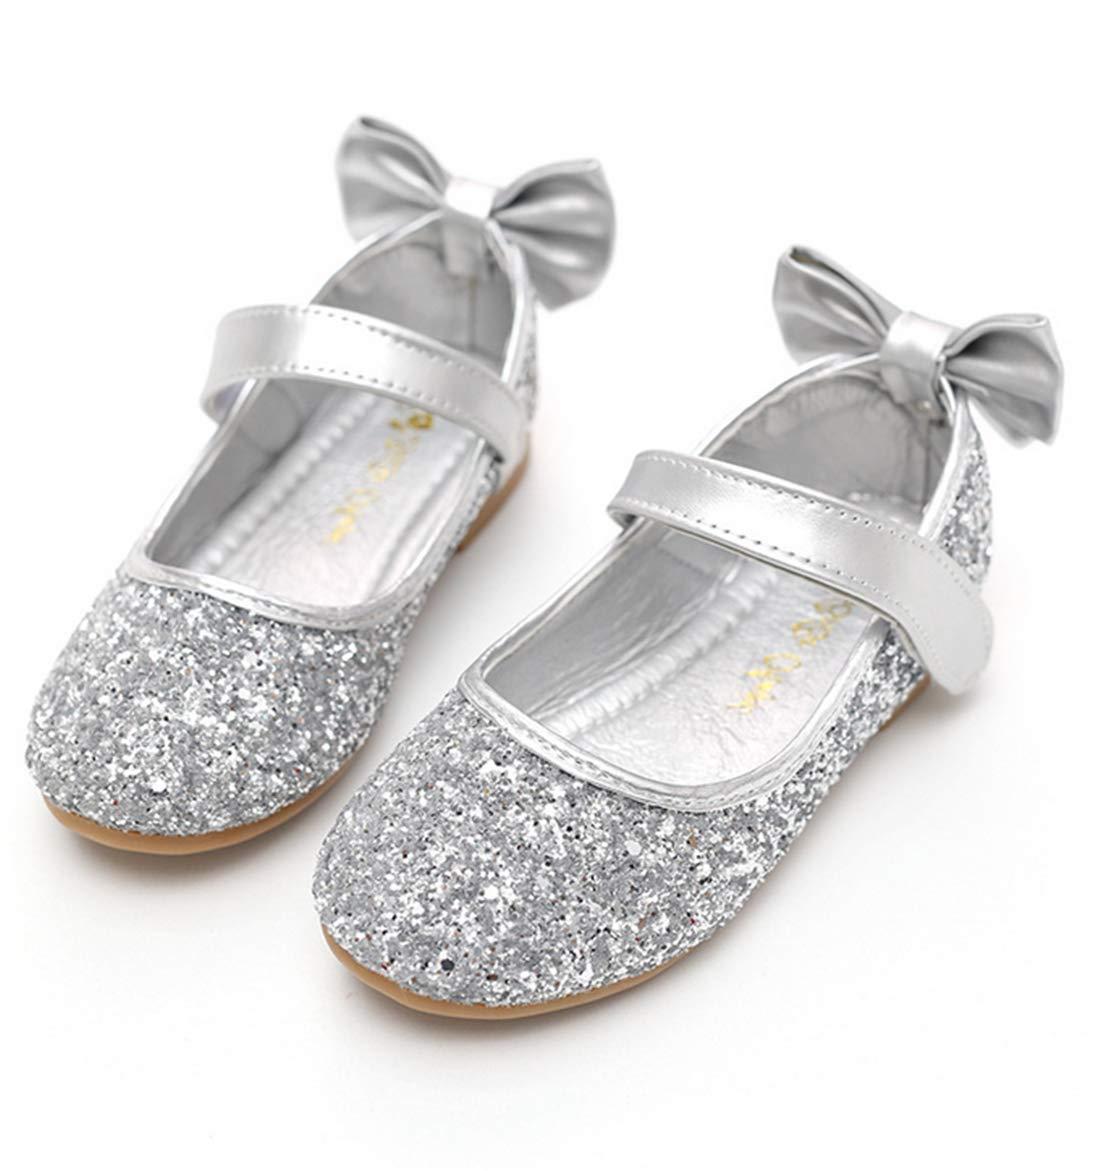 BBSMYA Fille Enfant Or Argenté Chaussure de Princesse Boucle avec Paillette Noeud Ballerie pour Soirée Mariage Mode Grande Taille